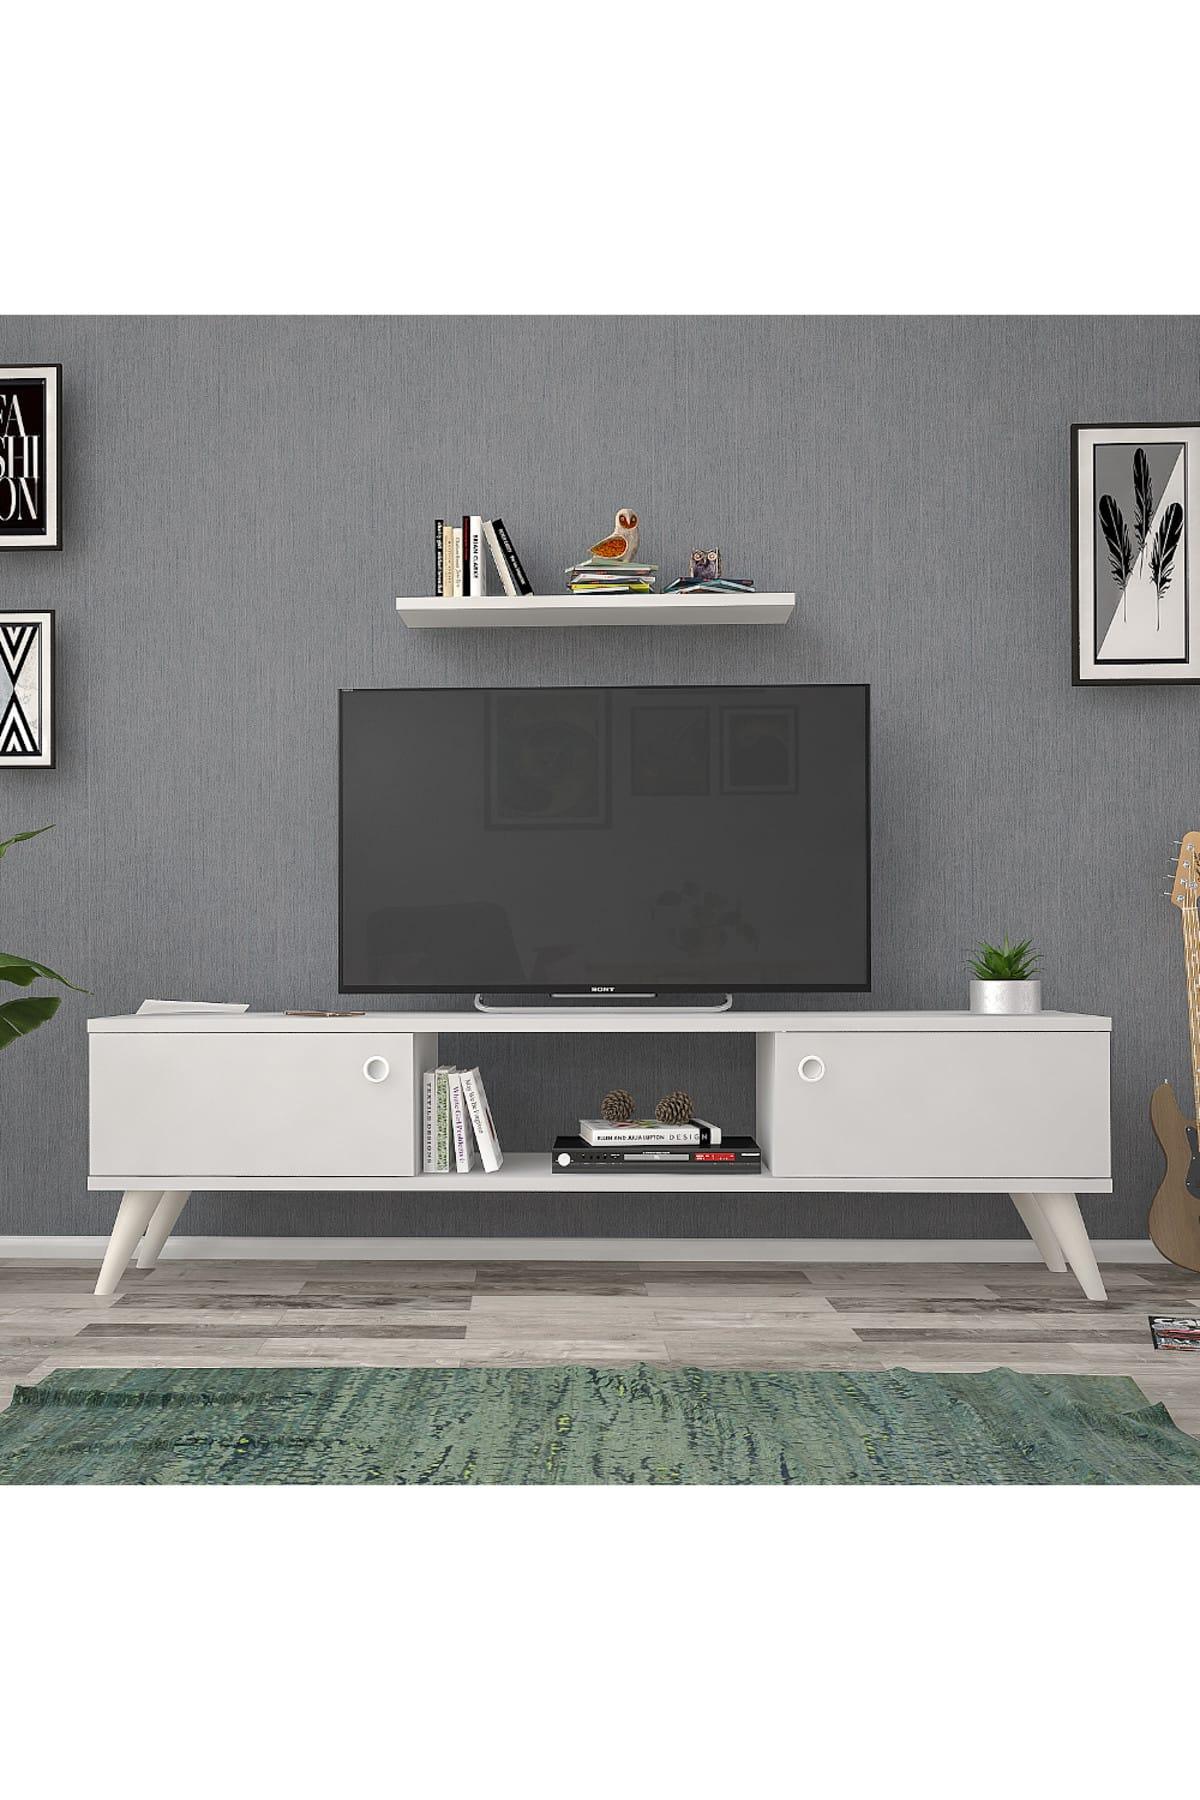 Mbes Mobilya 140 Cm Eda Beyaz Tv Ünitesi 1